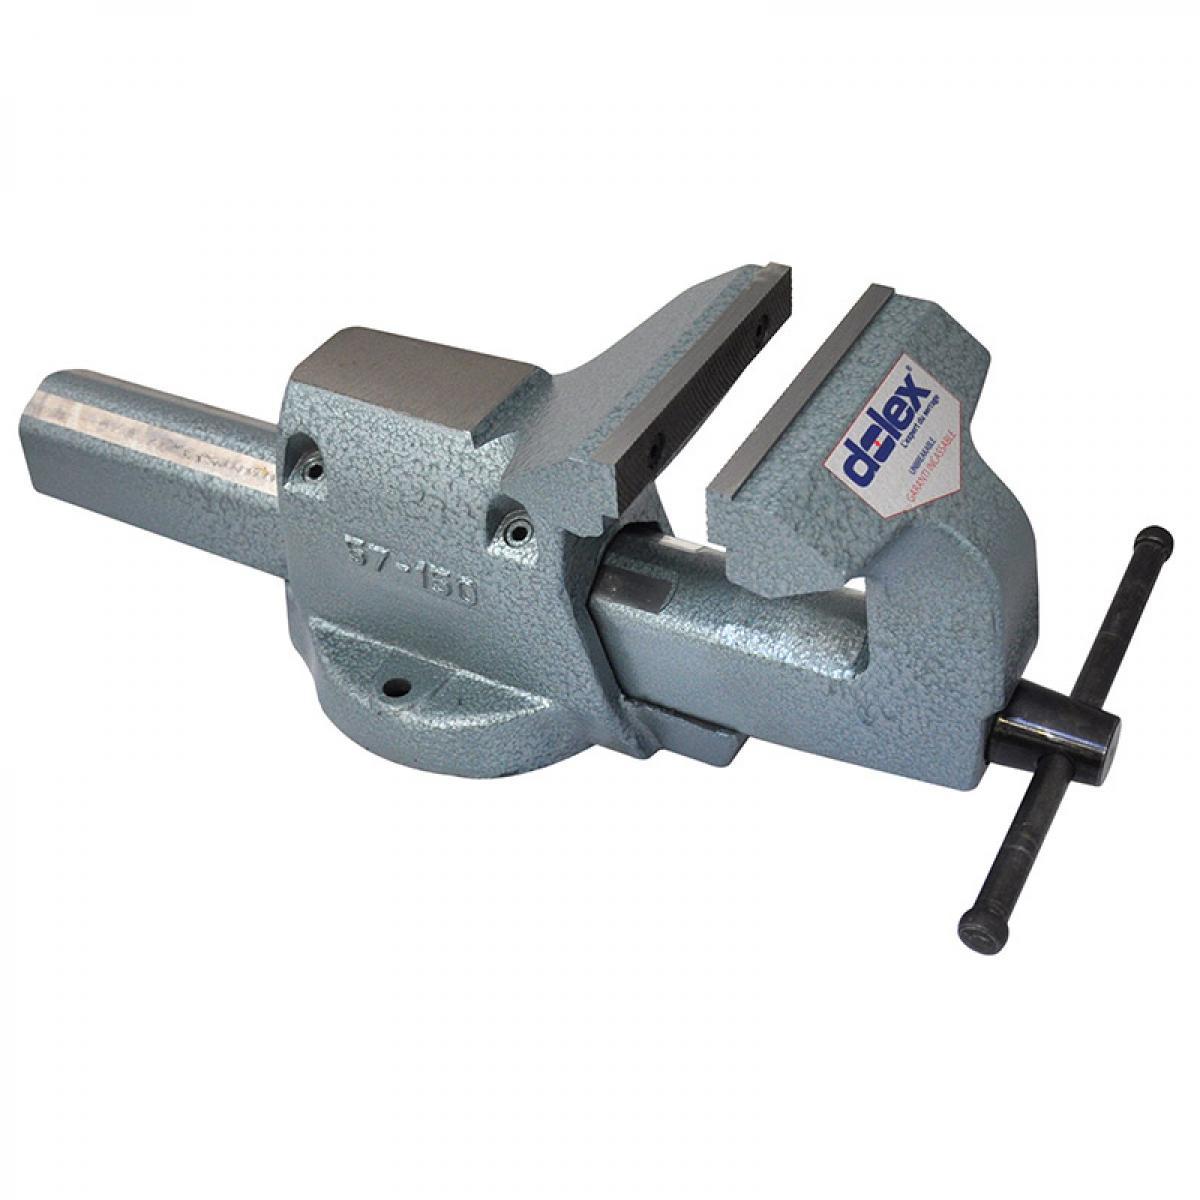 Dolex Dolex - Etau réglable fixe en acier 150 mm ouverture 240 mm série 50